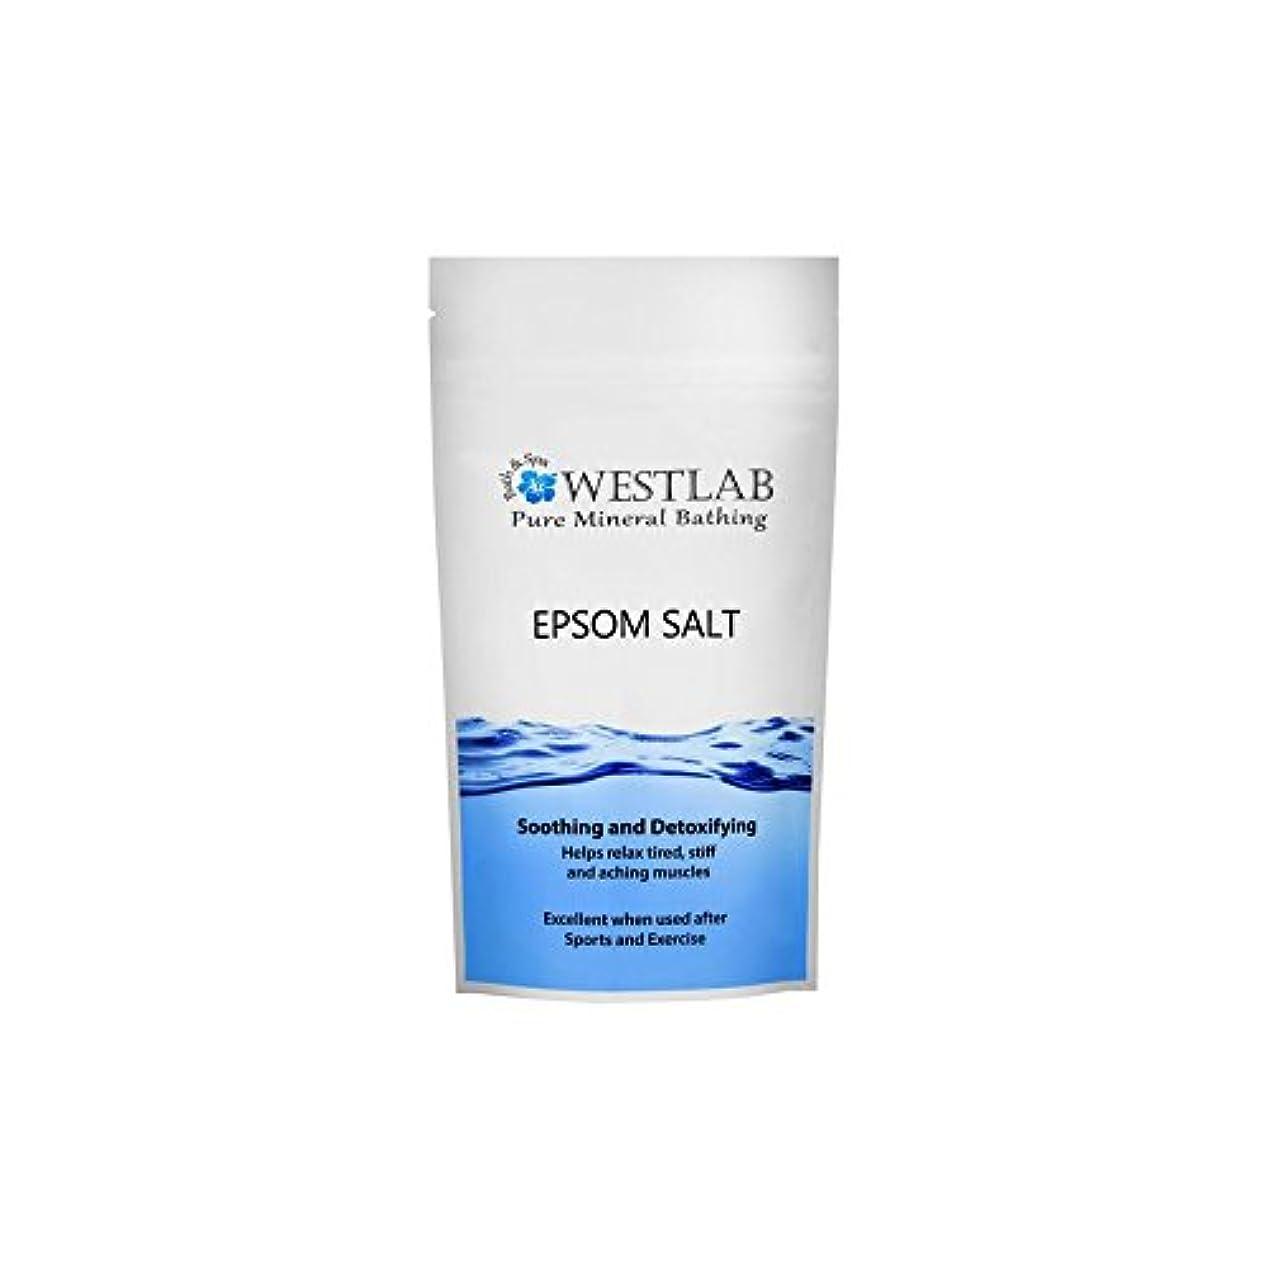 レポートを書く柔和九月エプソム塩の1キロ x4 - Westlab Epsom Salt 1kg (Pack of 4) [並行輸入品]